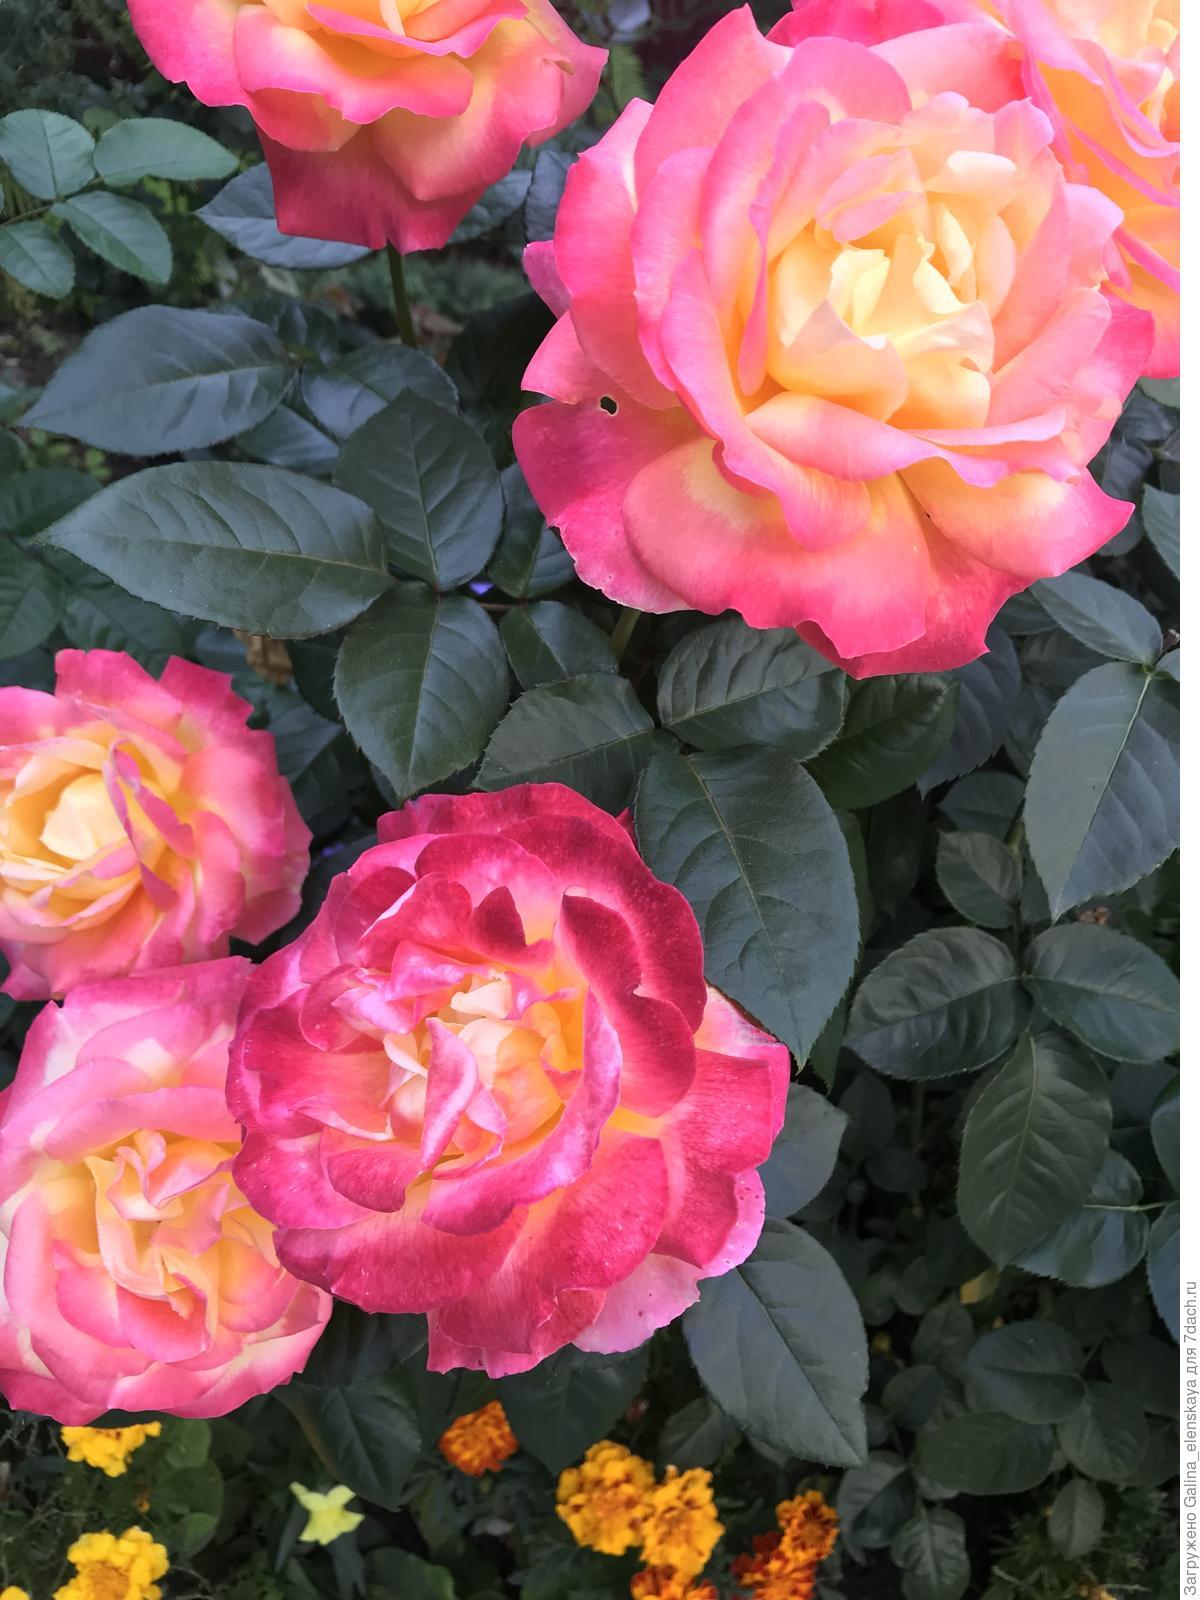 рассказать определить сорт розы по картинке знания